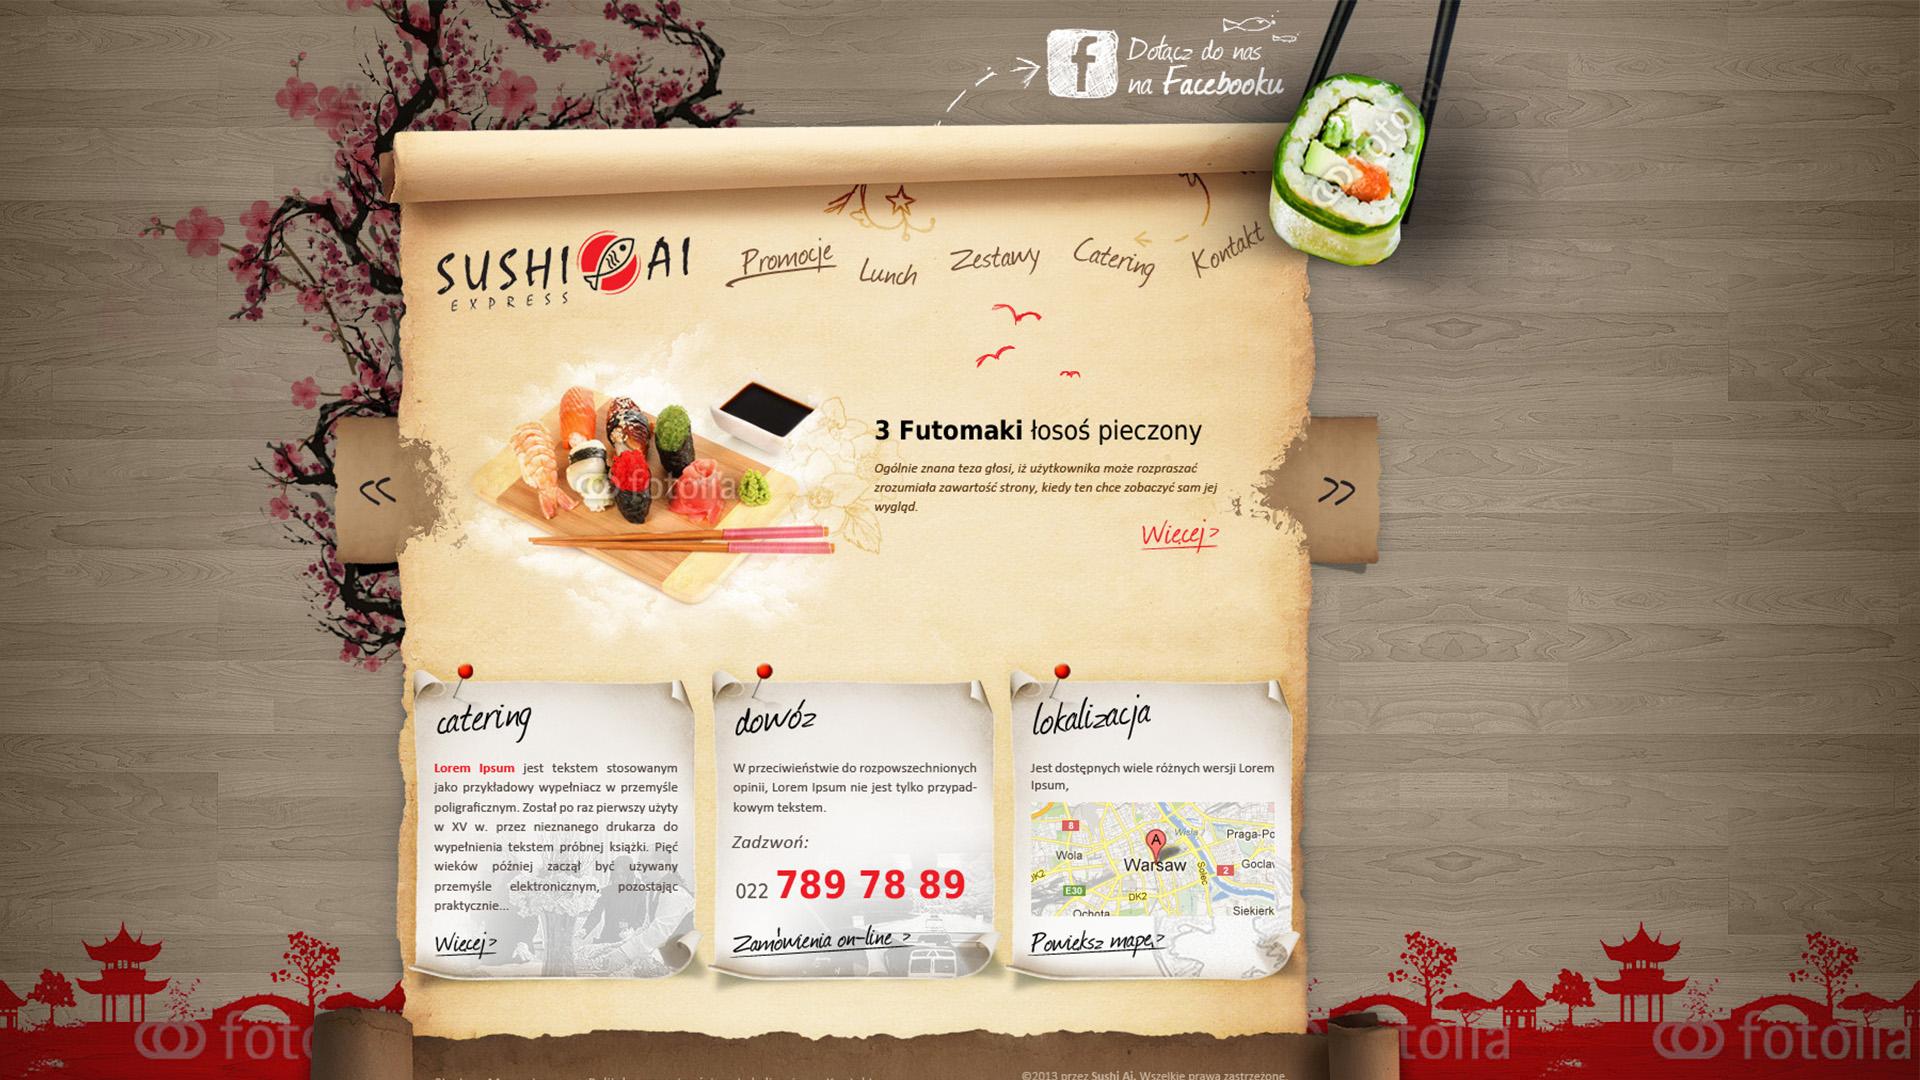 sushi krakow strona www